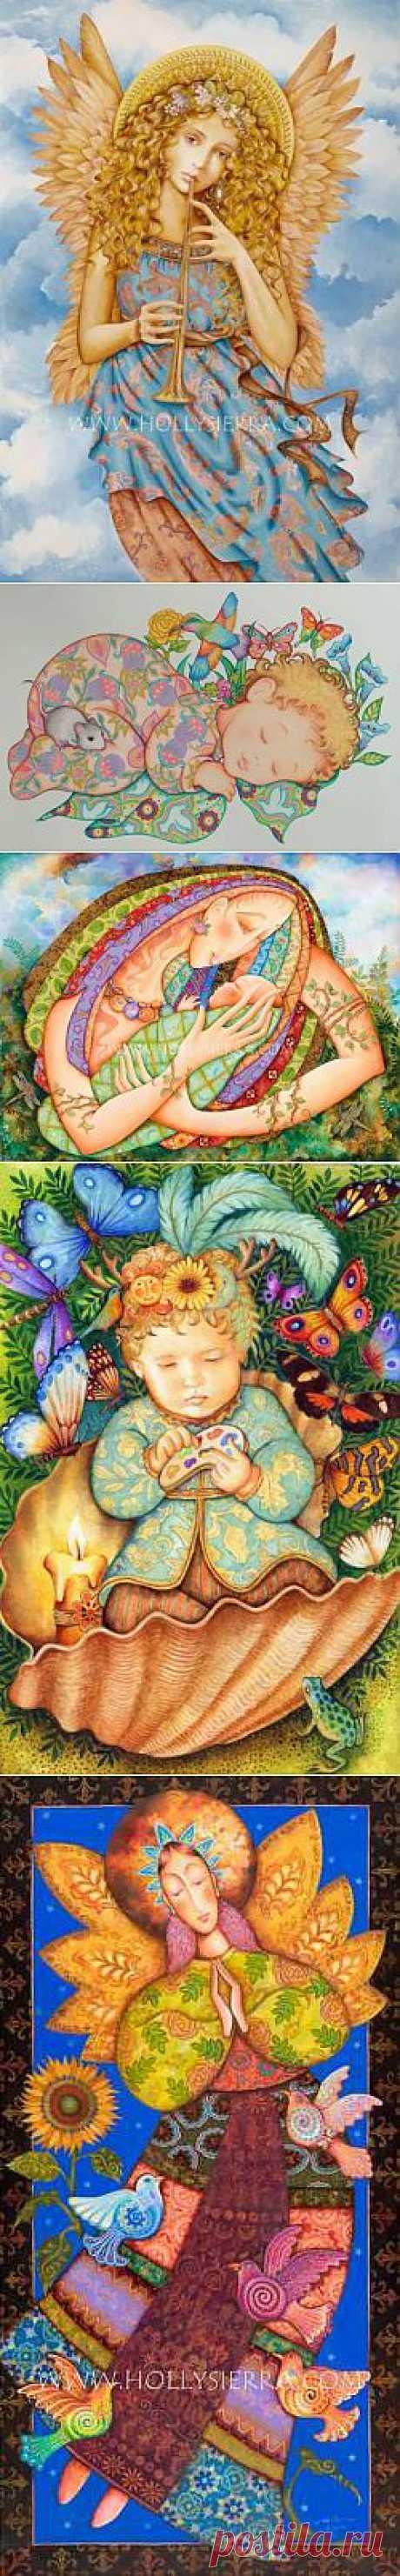 Американская художница Sierra Holly - Галерея искусств - Для души - Статьи - Школа радости